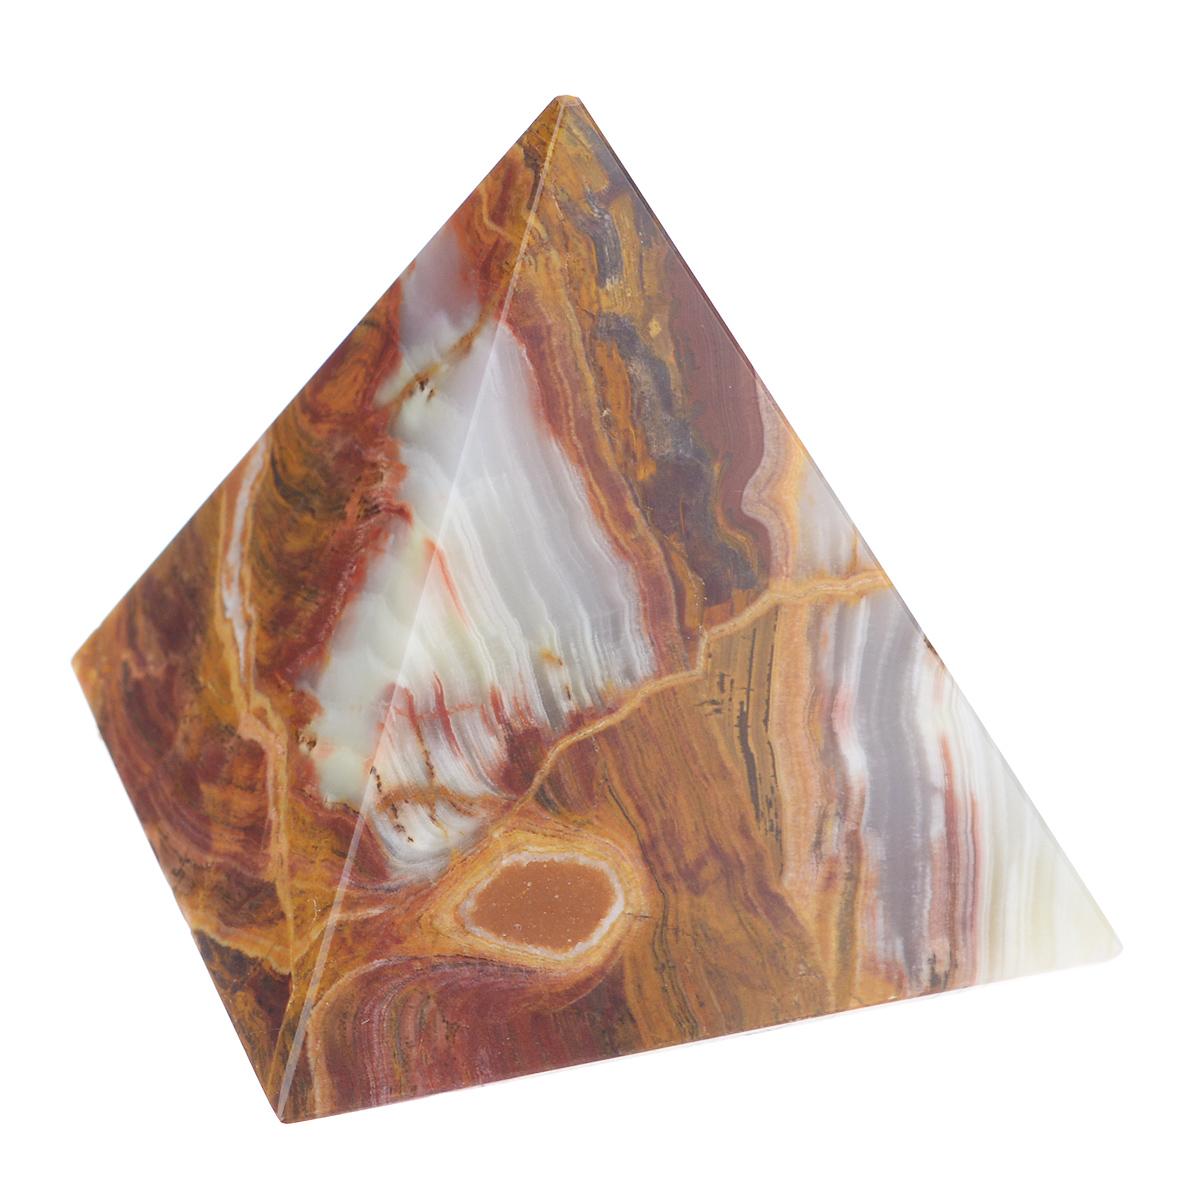 Сувенир Sima-land Пирамида, 7,5 см х 7,5 см х 8 см - Sima-land835171Сувенир Sima-land Пирамида выполнен из натурального оникса. Этот камень помогает снимать стрессы, облегчает боль, способствует эмоциональному равновесию и самоконтролю. Его применяют при расстройстве нервной системы, депрессиях, бессоннице, при лечении болезней сердца. Оникс хорошо снимает боли и уменьшает воспаления. Сувенир Sima-land Пирамида станет отличным подарком на любой праздник и дополнит интерьер вашей комнаты. УВАЖАЕМЫЕ КЛИЕНТЫ! Обращаем ваше внимание на тот факт, что цветовой оттенок товара может отличатся от представленного на изображении, поскольку фигурка выполнена из натурального камня. Учитывайте это при оформлении заказа.